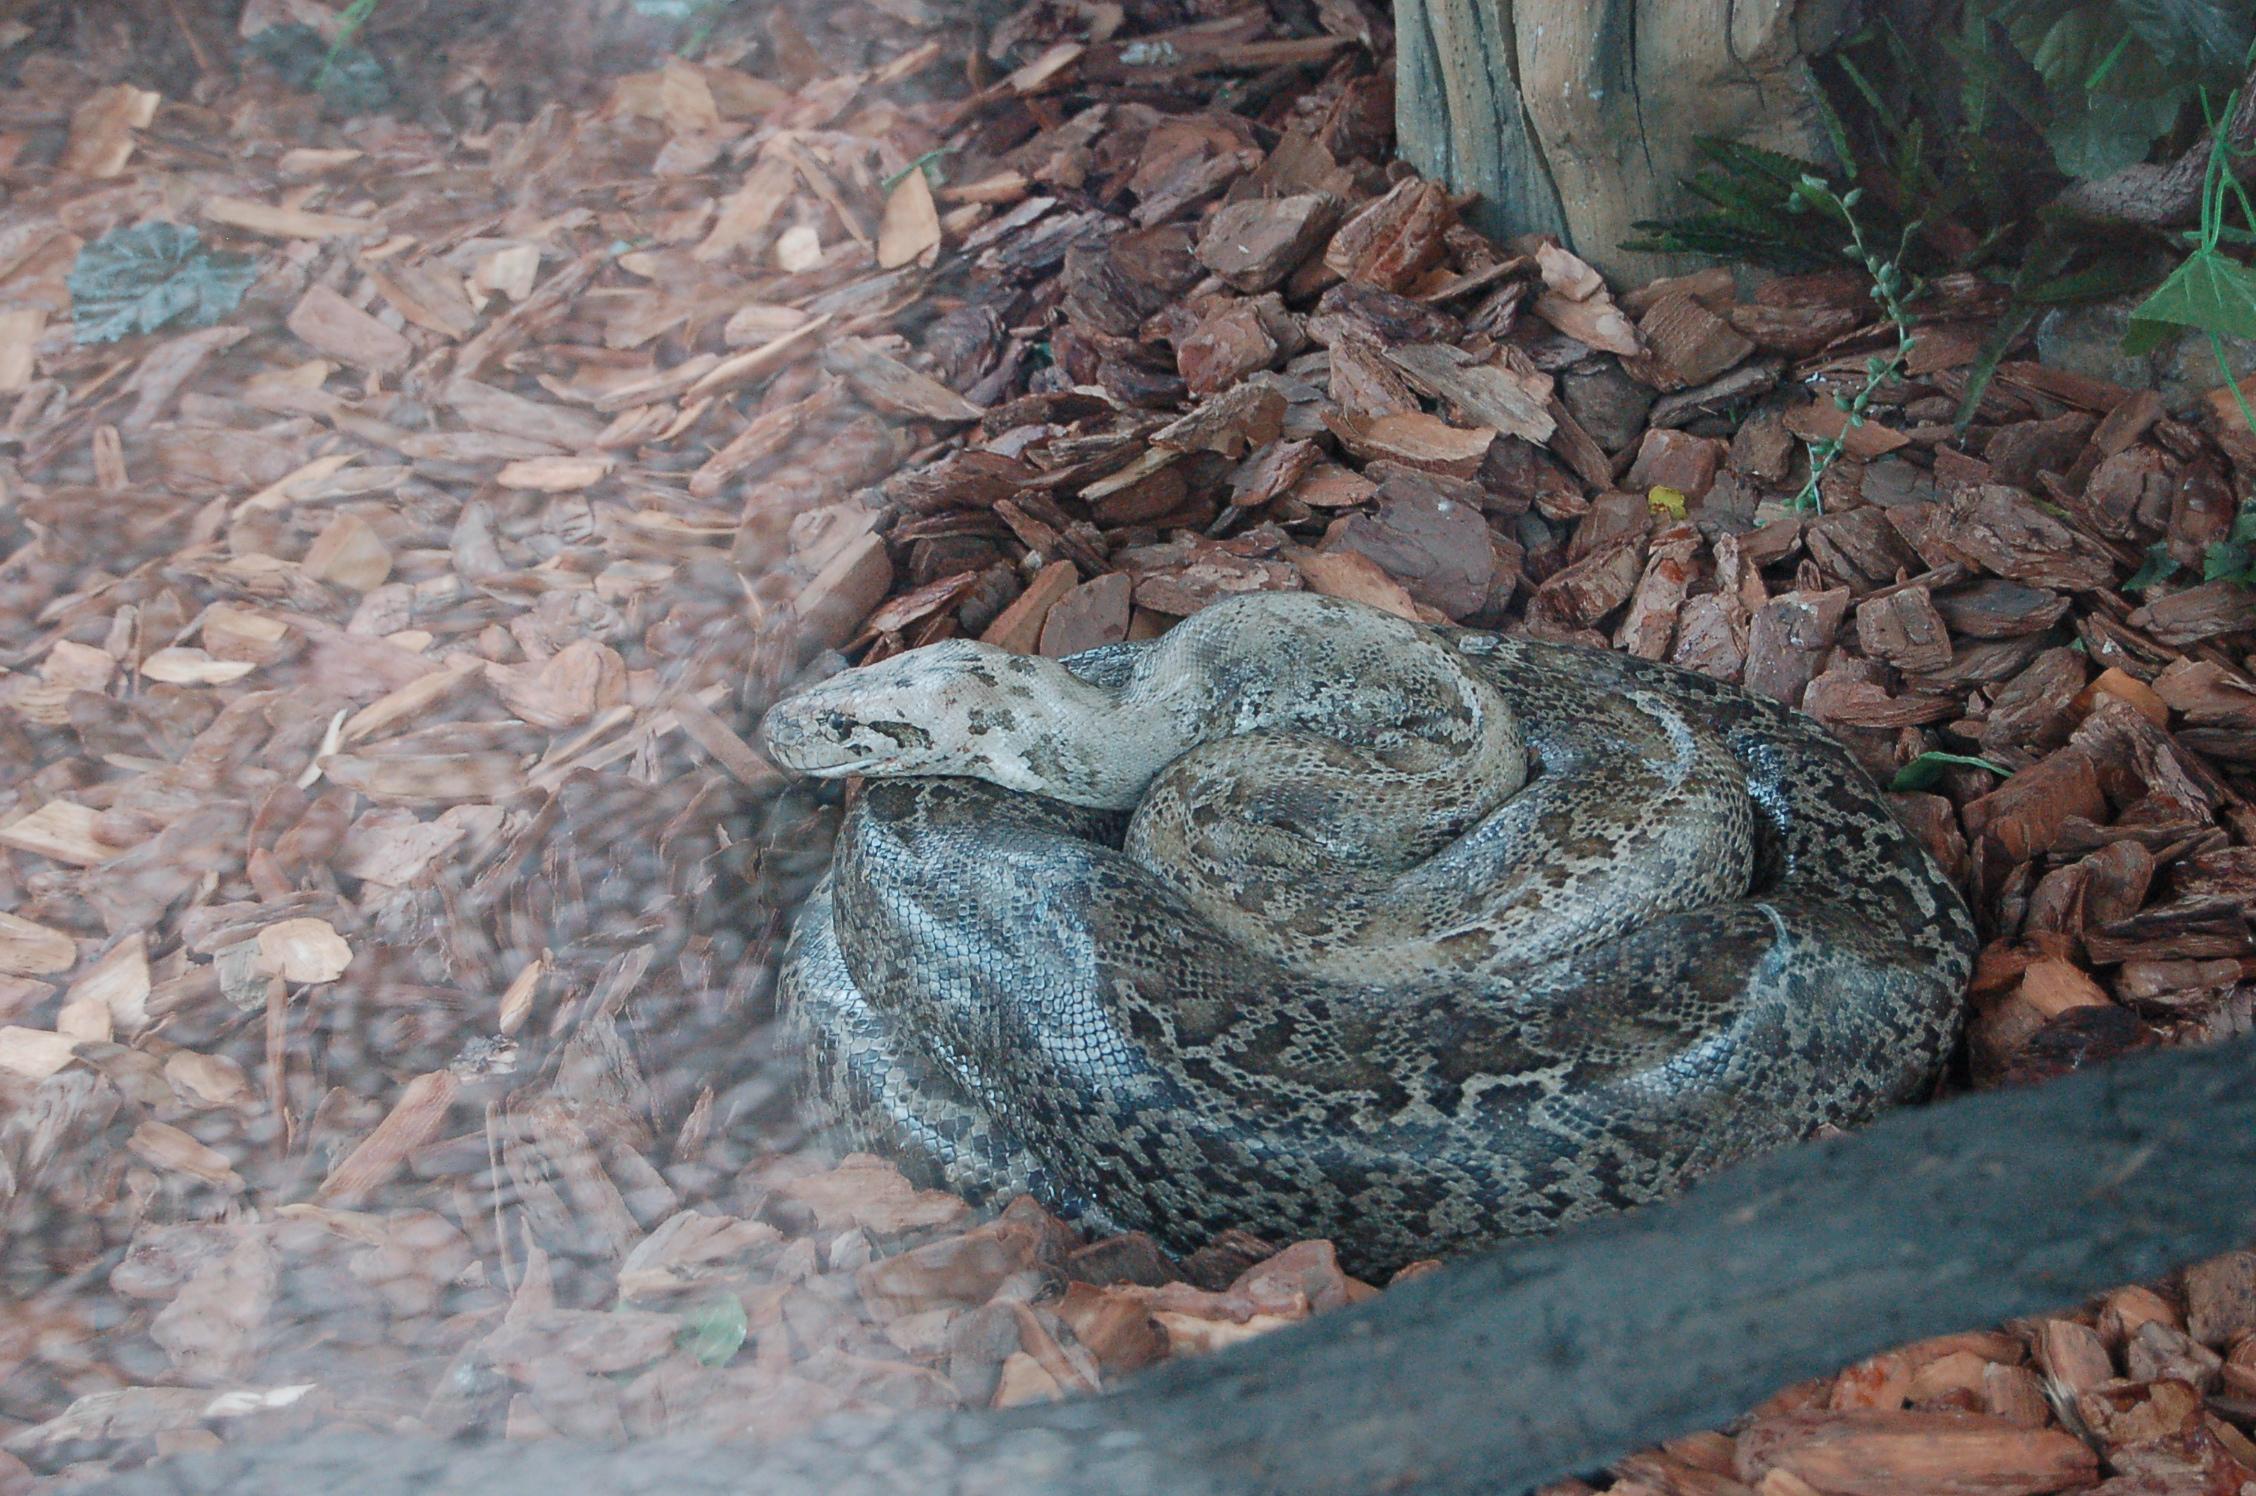 大连市森林动物园的大蟒蛇